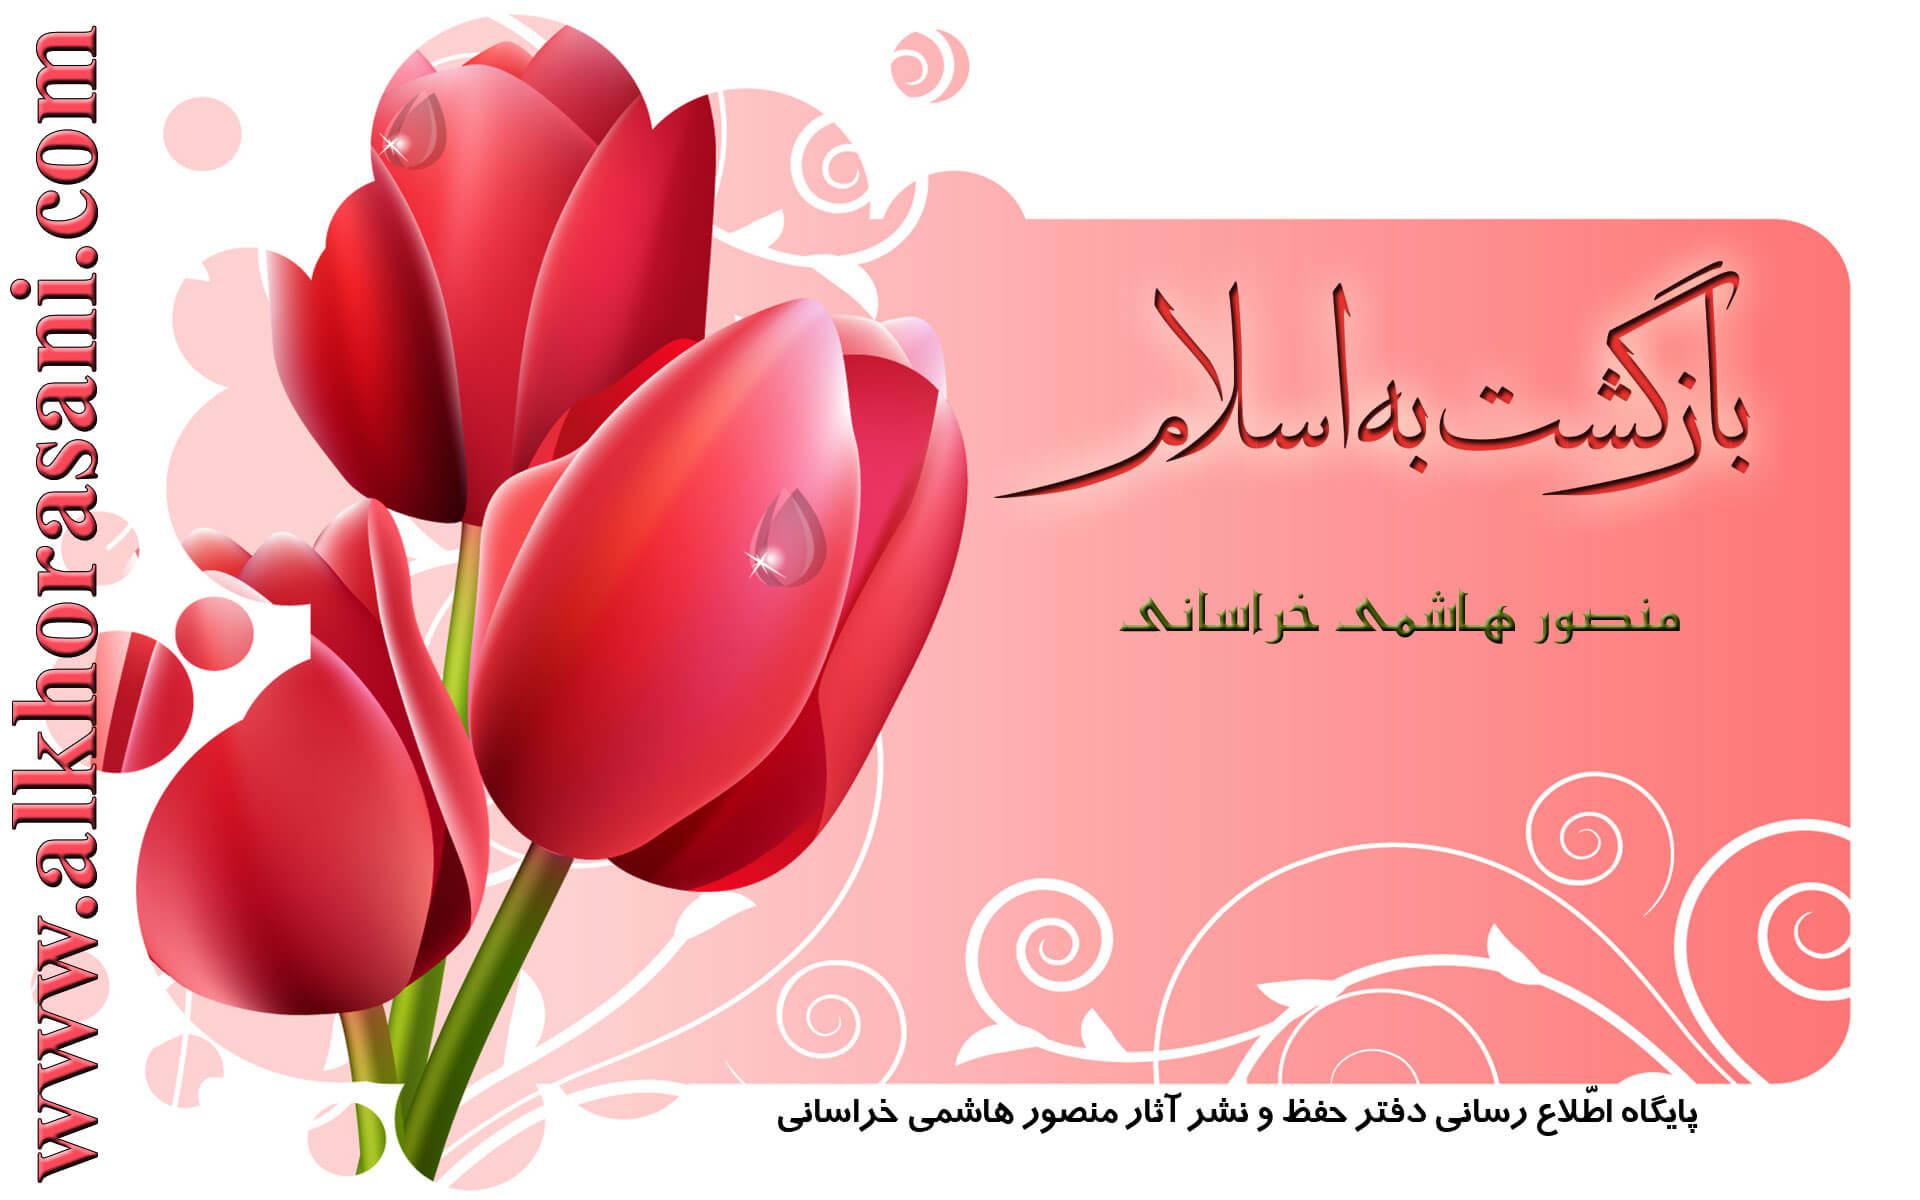 کتاب «بازگشت به اسلام» (4)